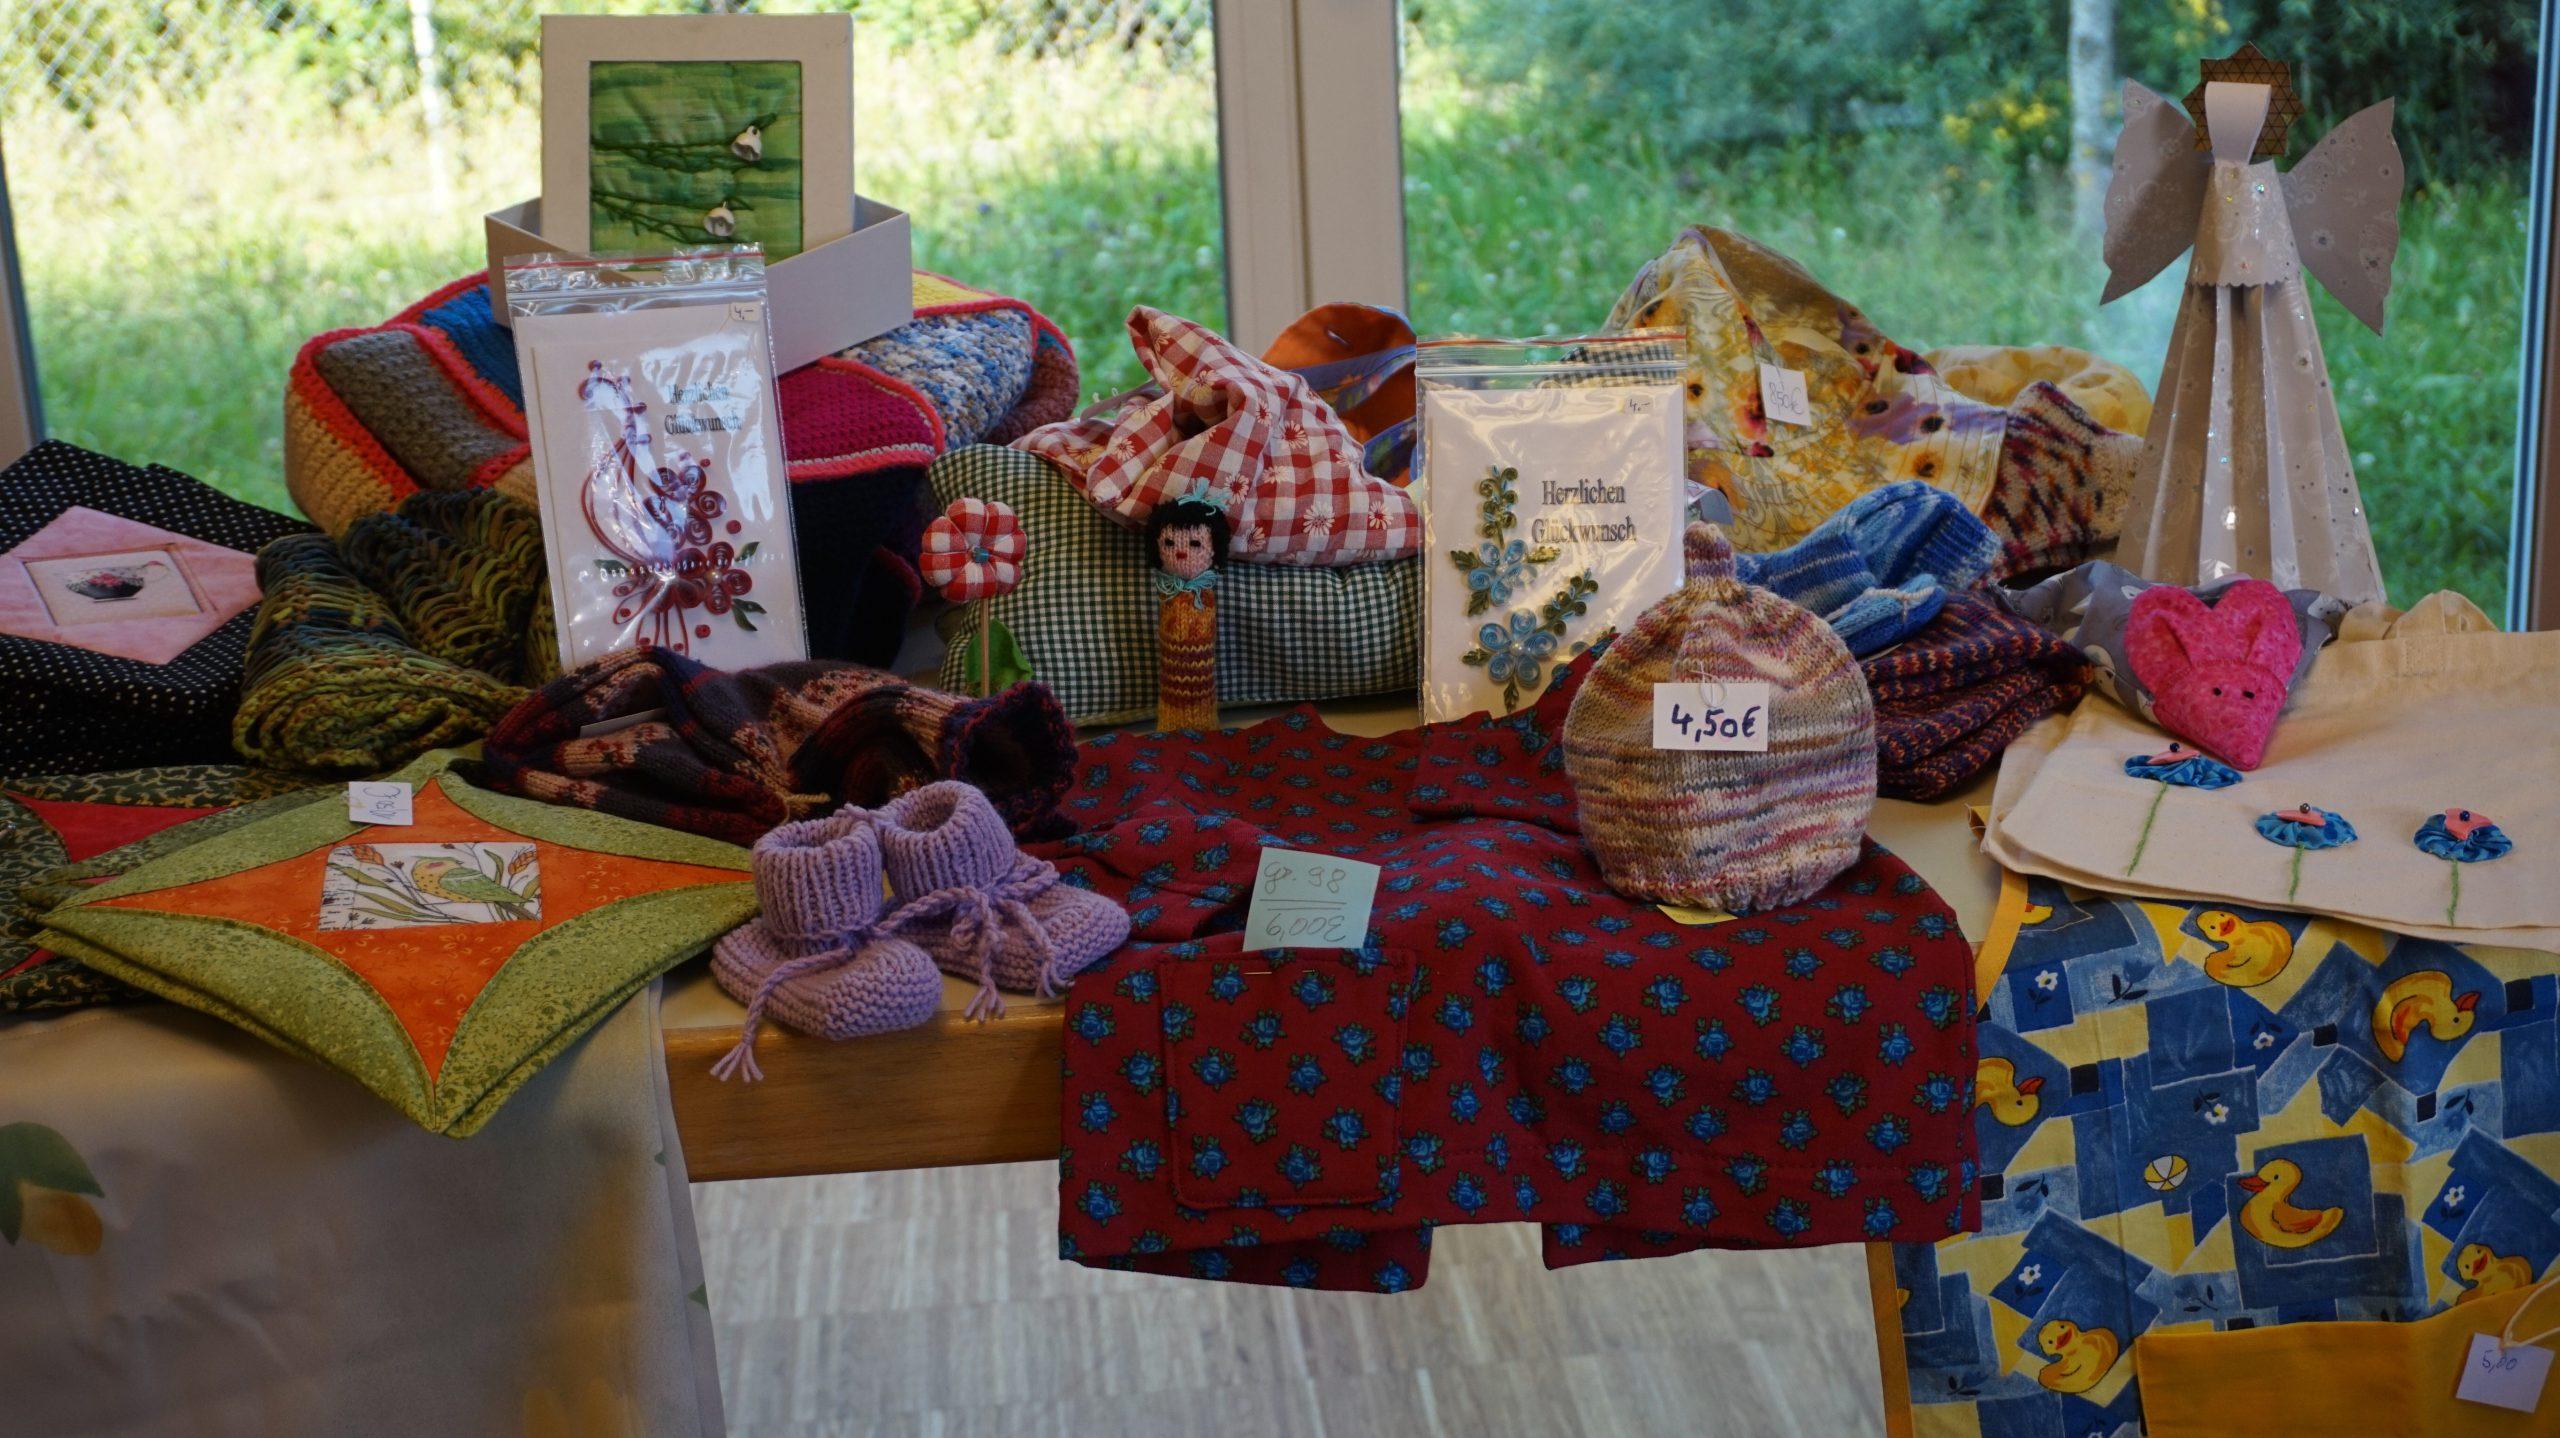 Verschiedene Produkte die durch den Bastelkreis der Stephanuskirche in Handarbeit erzeugt wurden. Unter anderem Grußkarten, Socken, Taschen, Papierengel, Decken und Tücher.